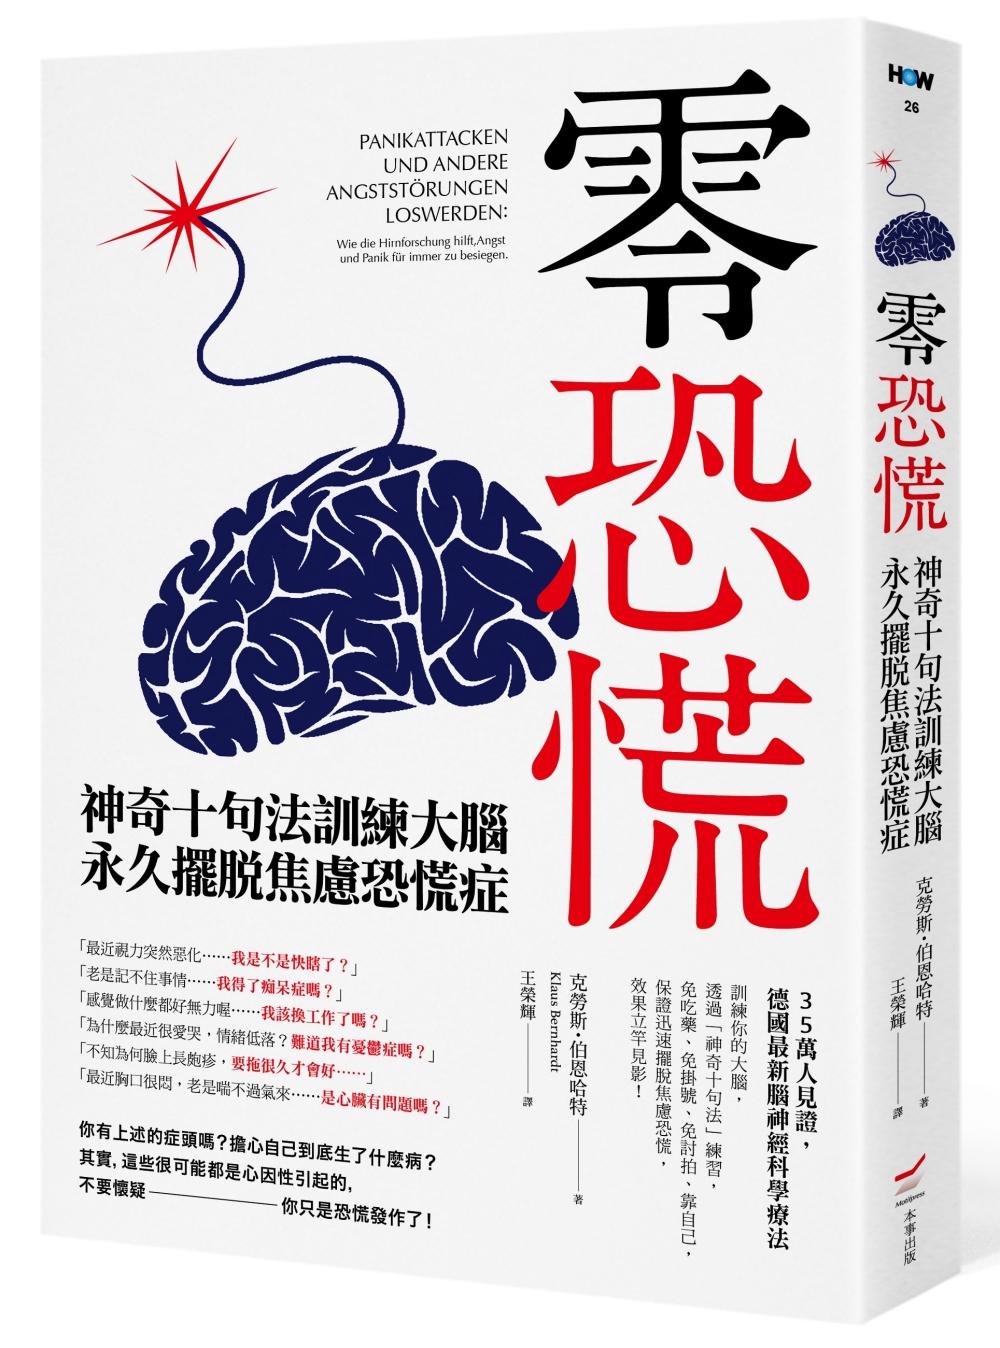 ◤博客來BOOKS◢ 暢銷書榜《推薦》零恐慌!:神奇十句法訓練大腦永久擺脫焦慮恐慌症